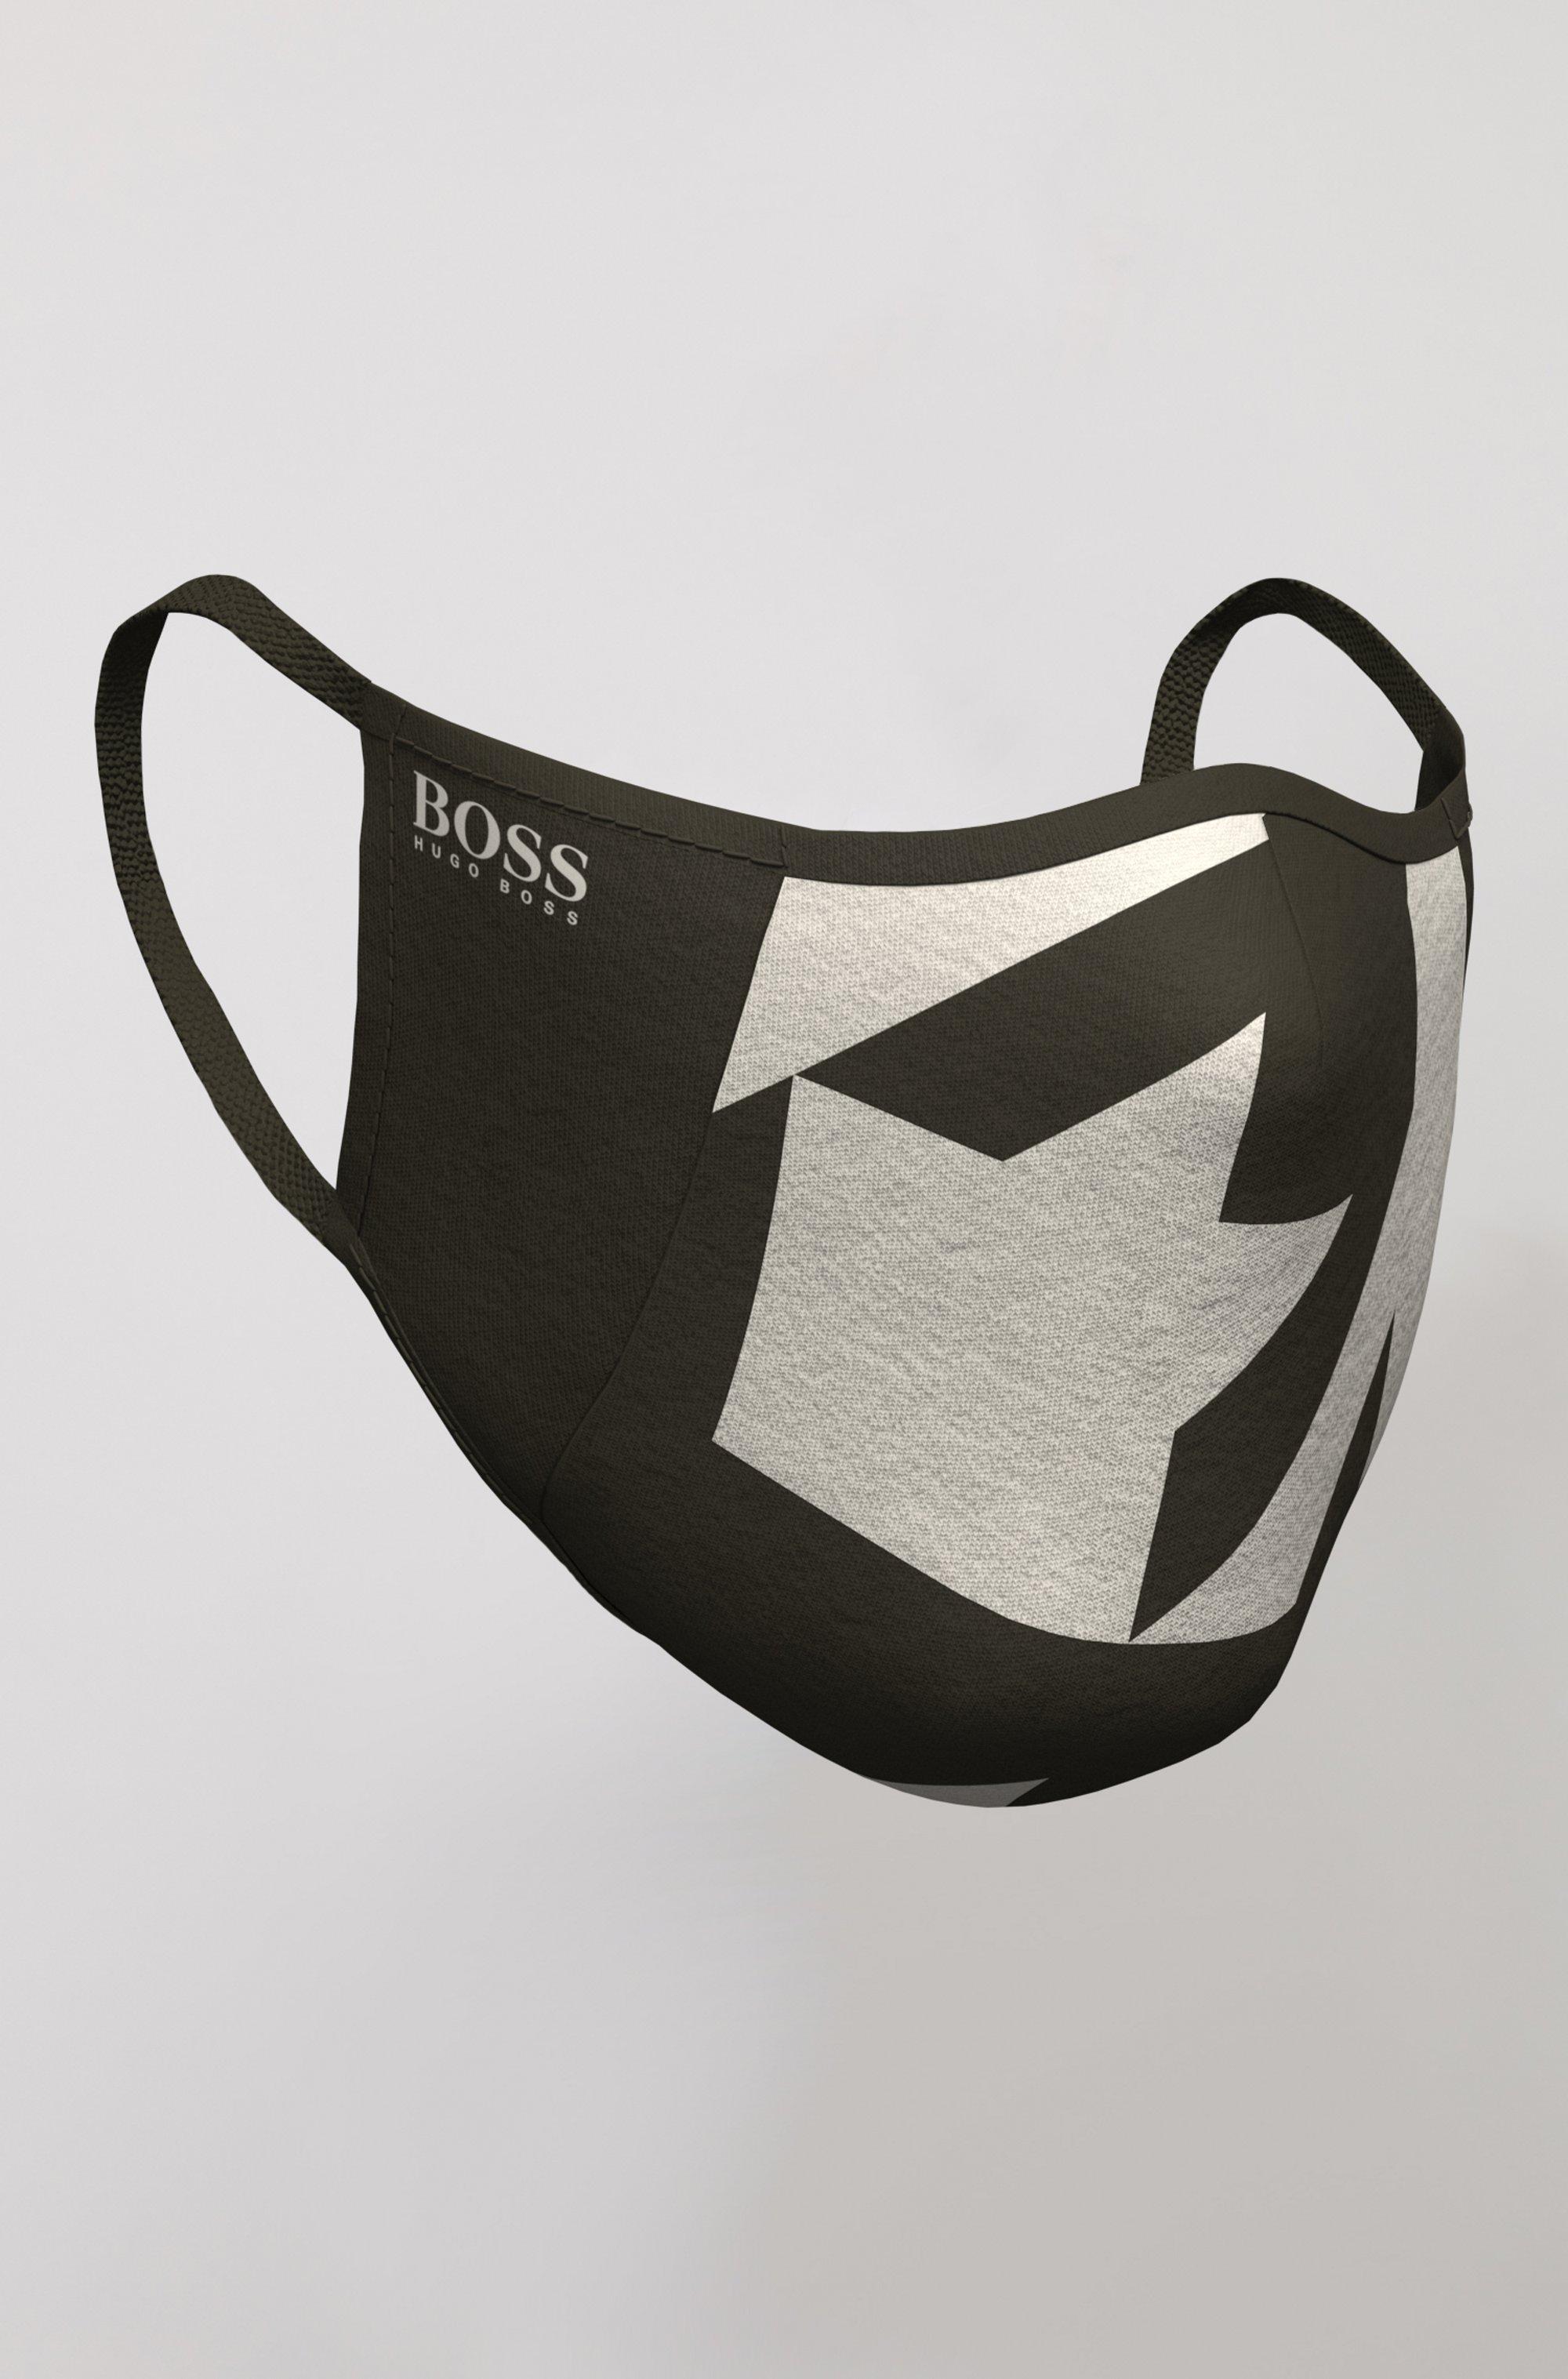 Masque mixte en tissu avec imprimé de la nouvelle saison, Fantaisie